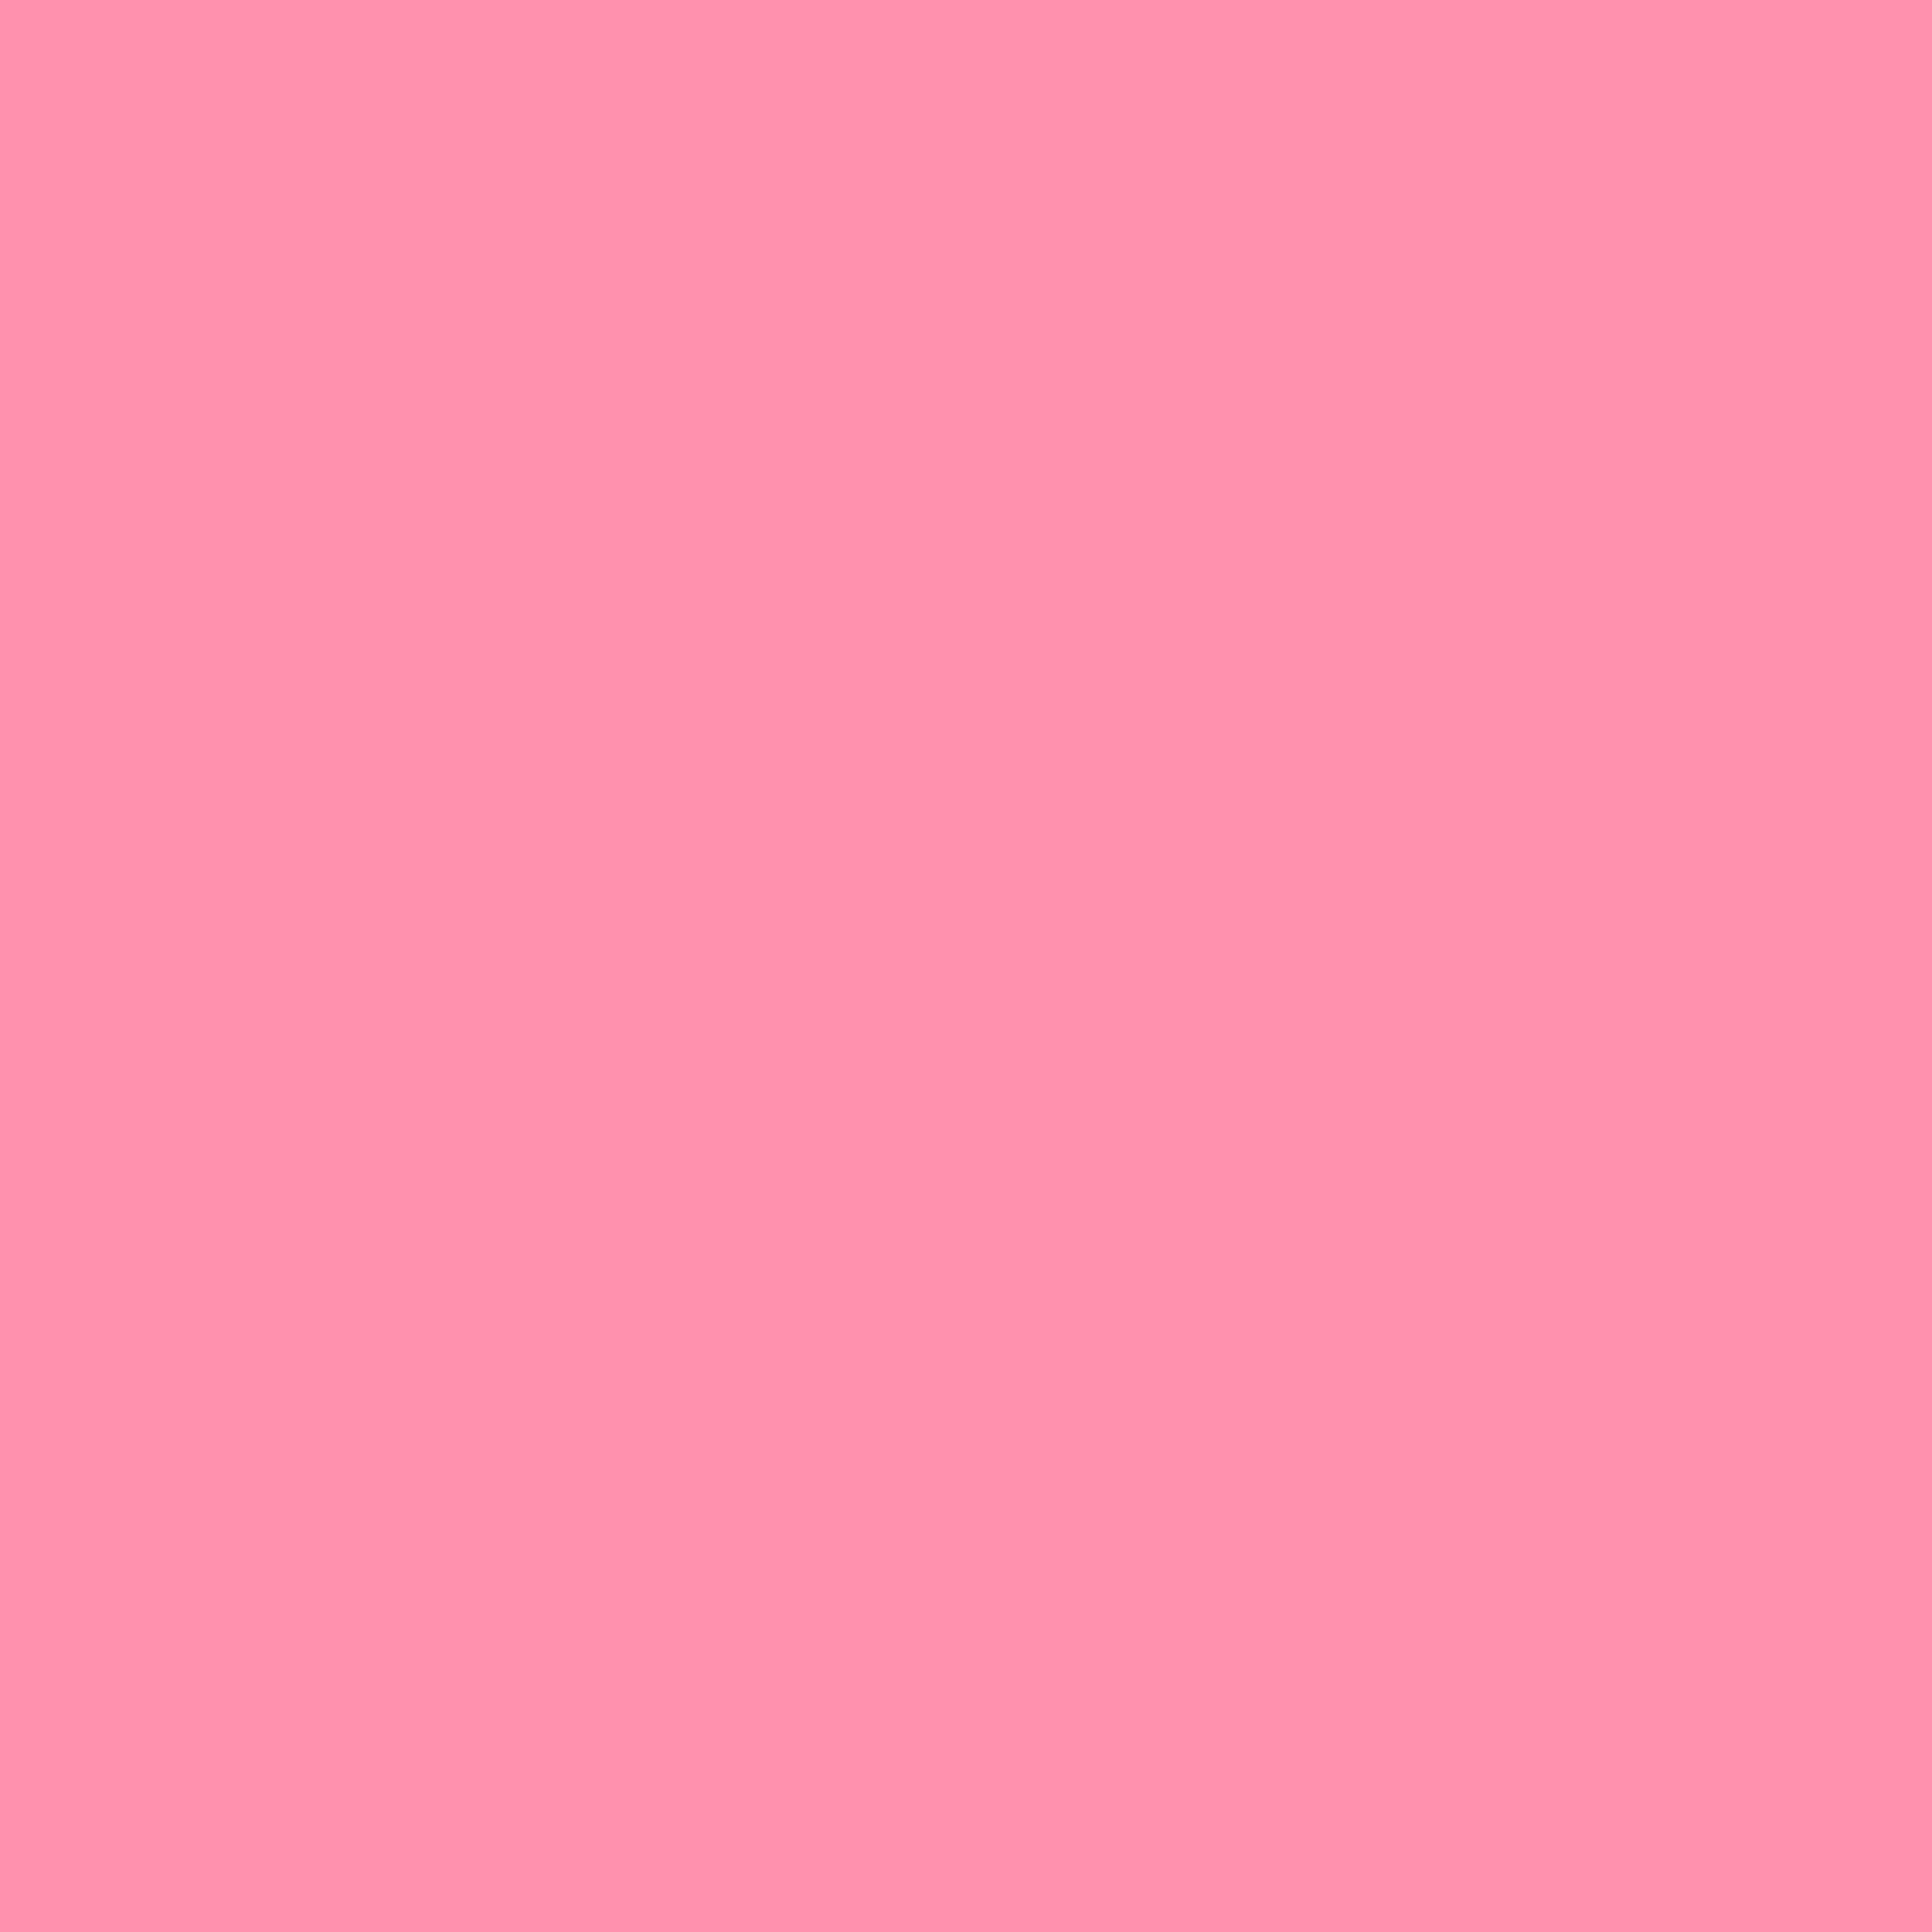 2048x2048 Baker-Miller Pink Solid Color Background